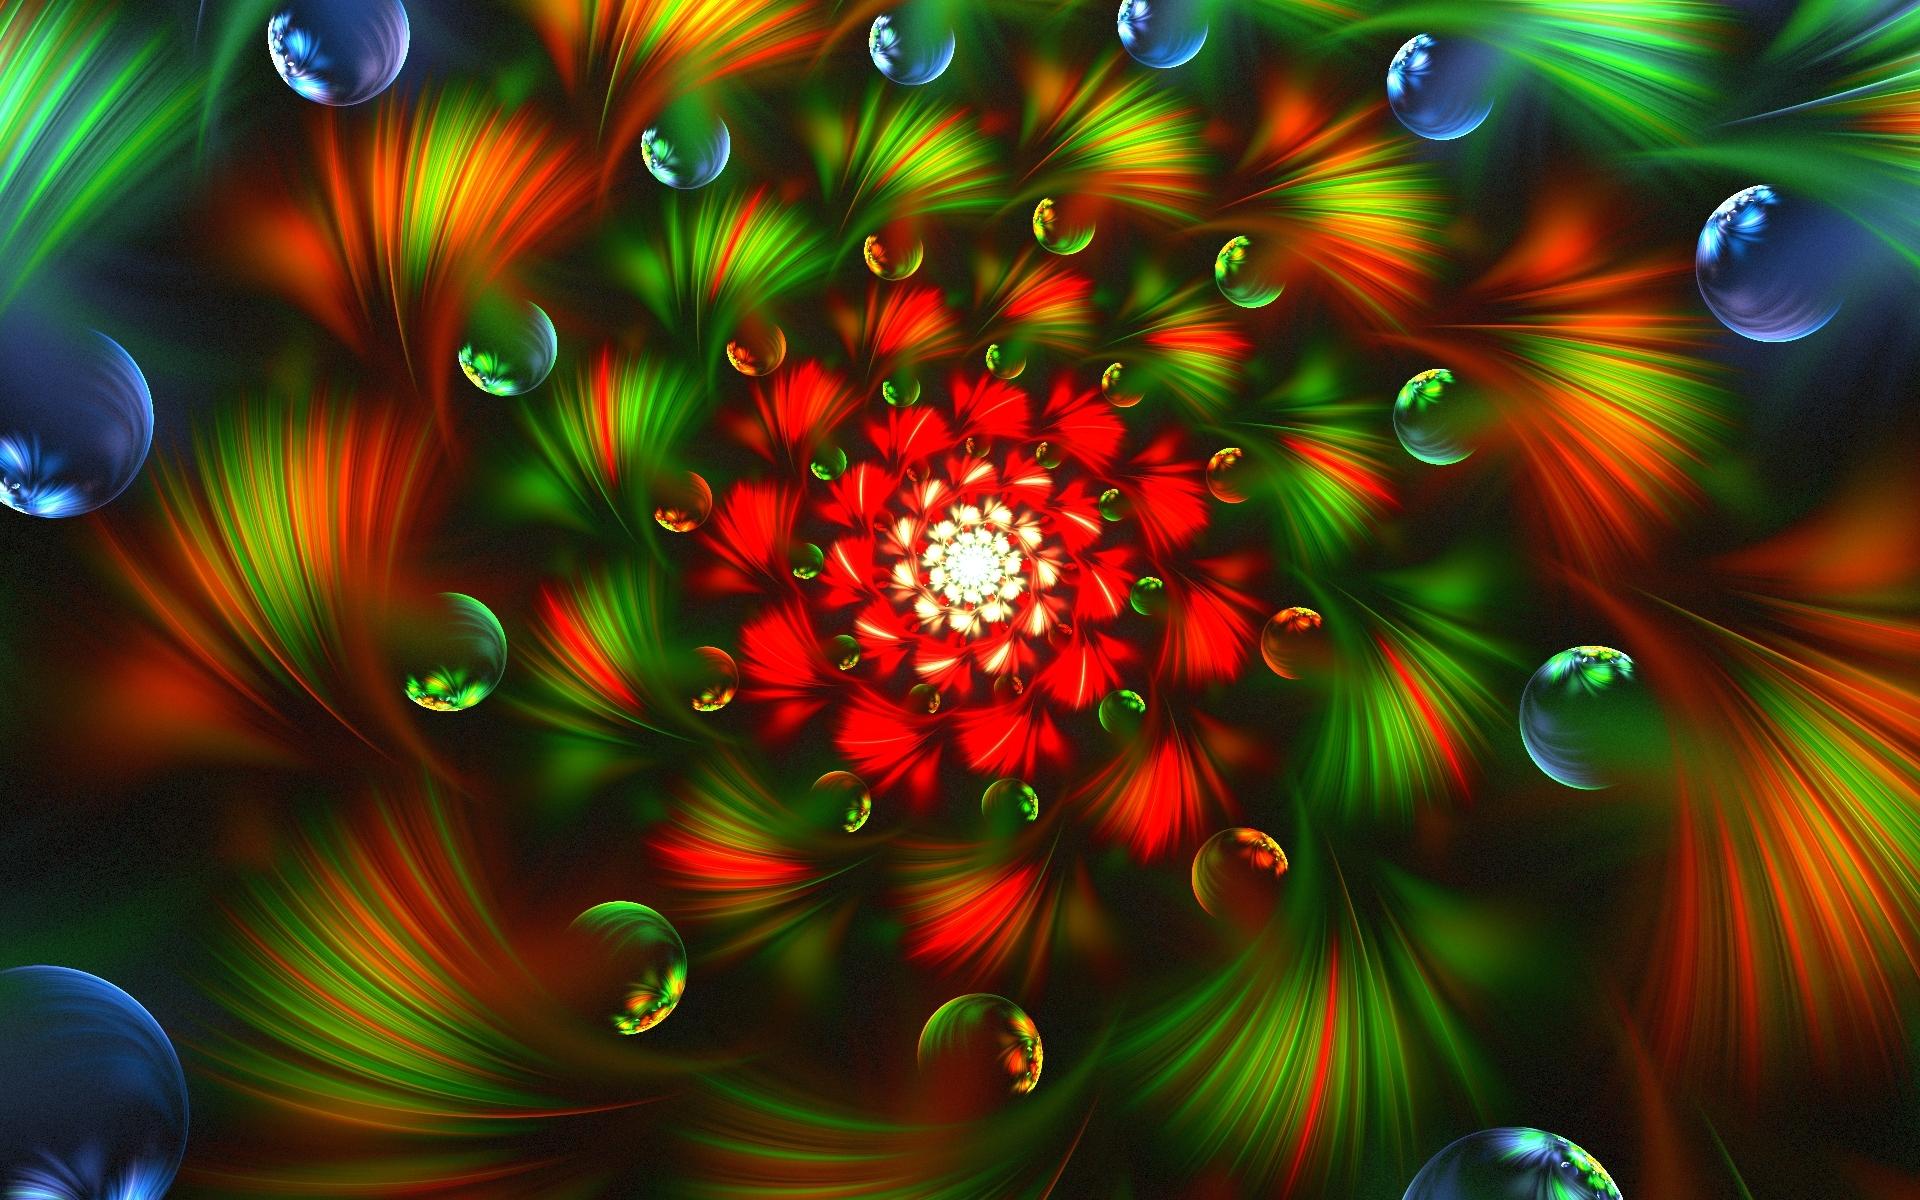 красные черви красочные живые картинки крутить боковой